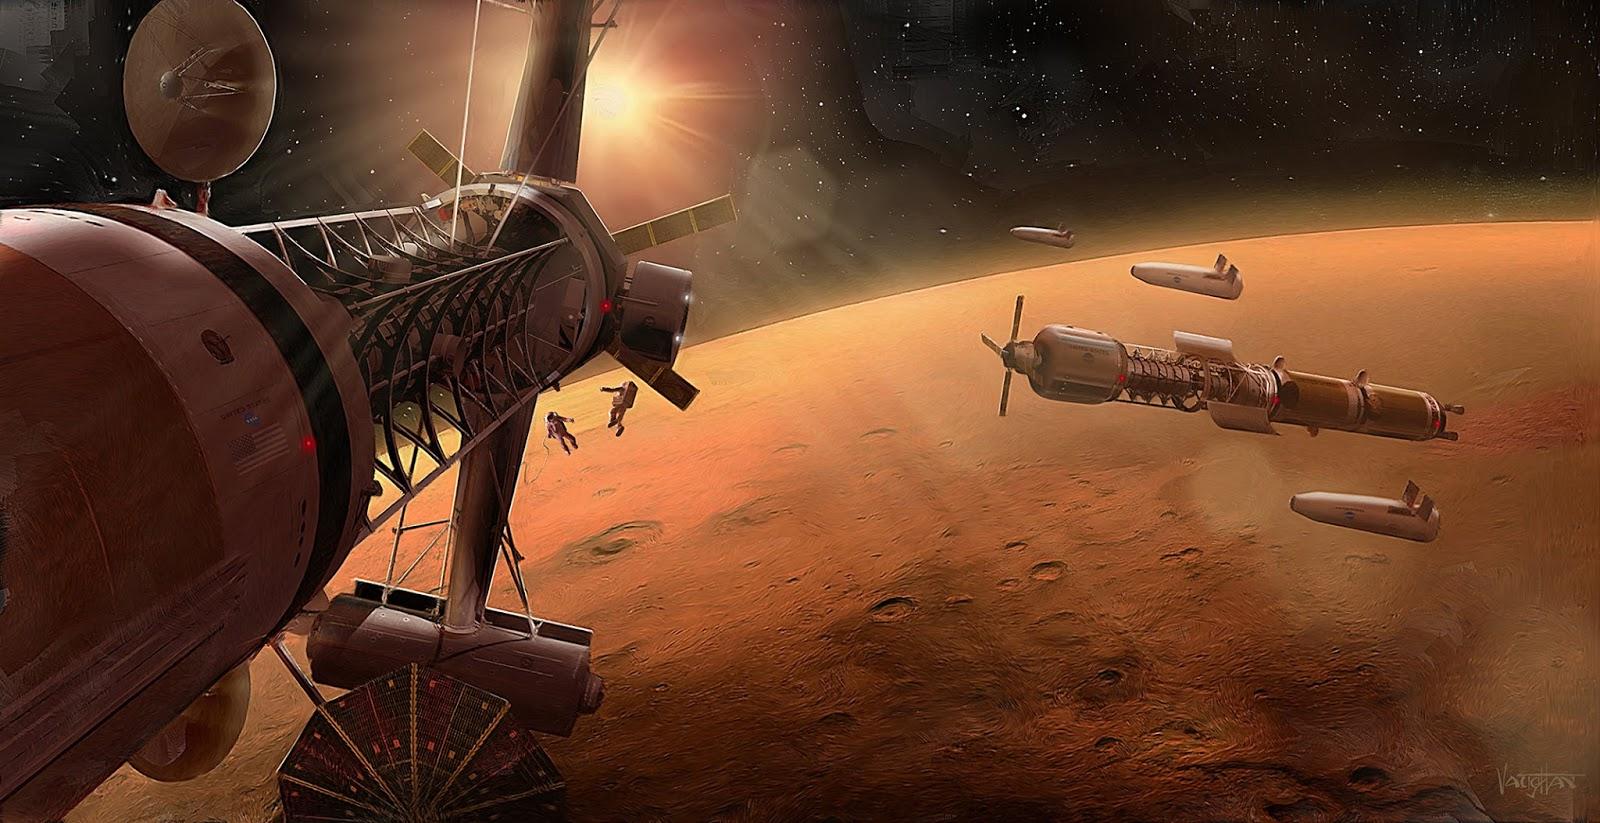 Spaceships in Mars orbit by James Vaughan